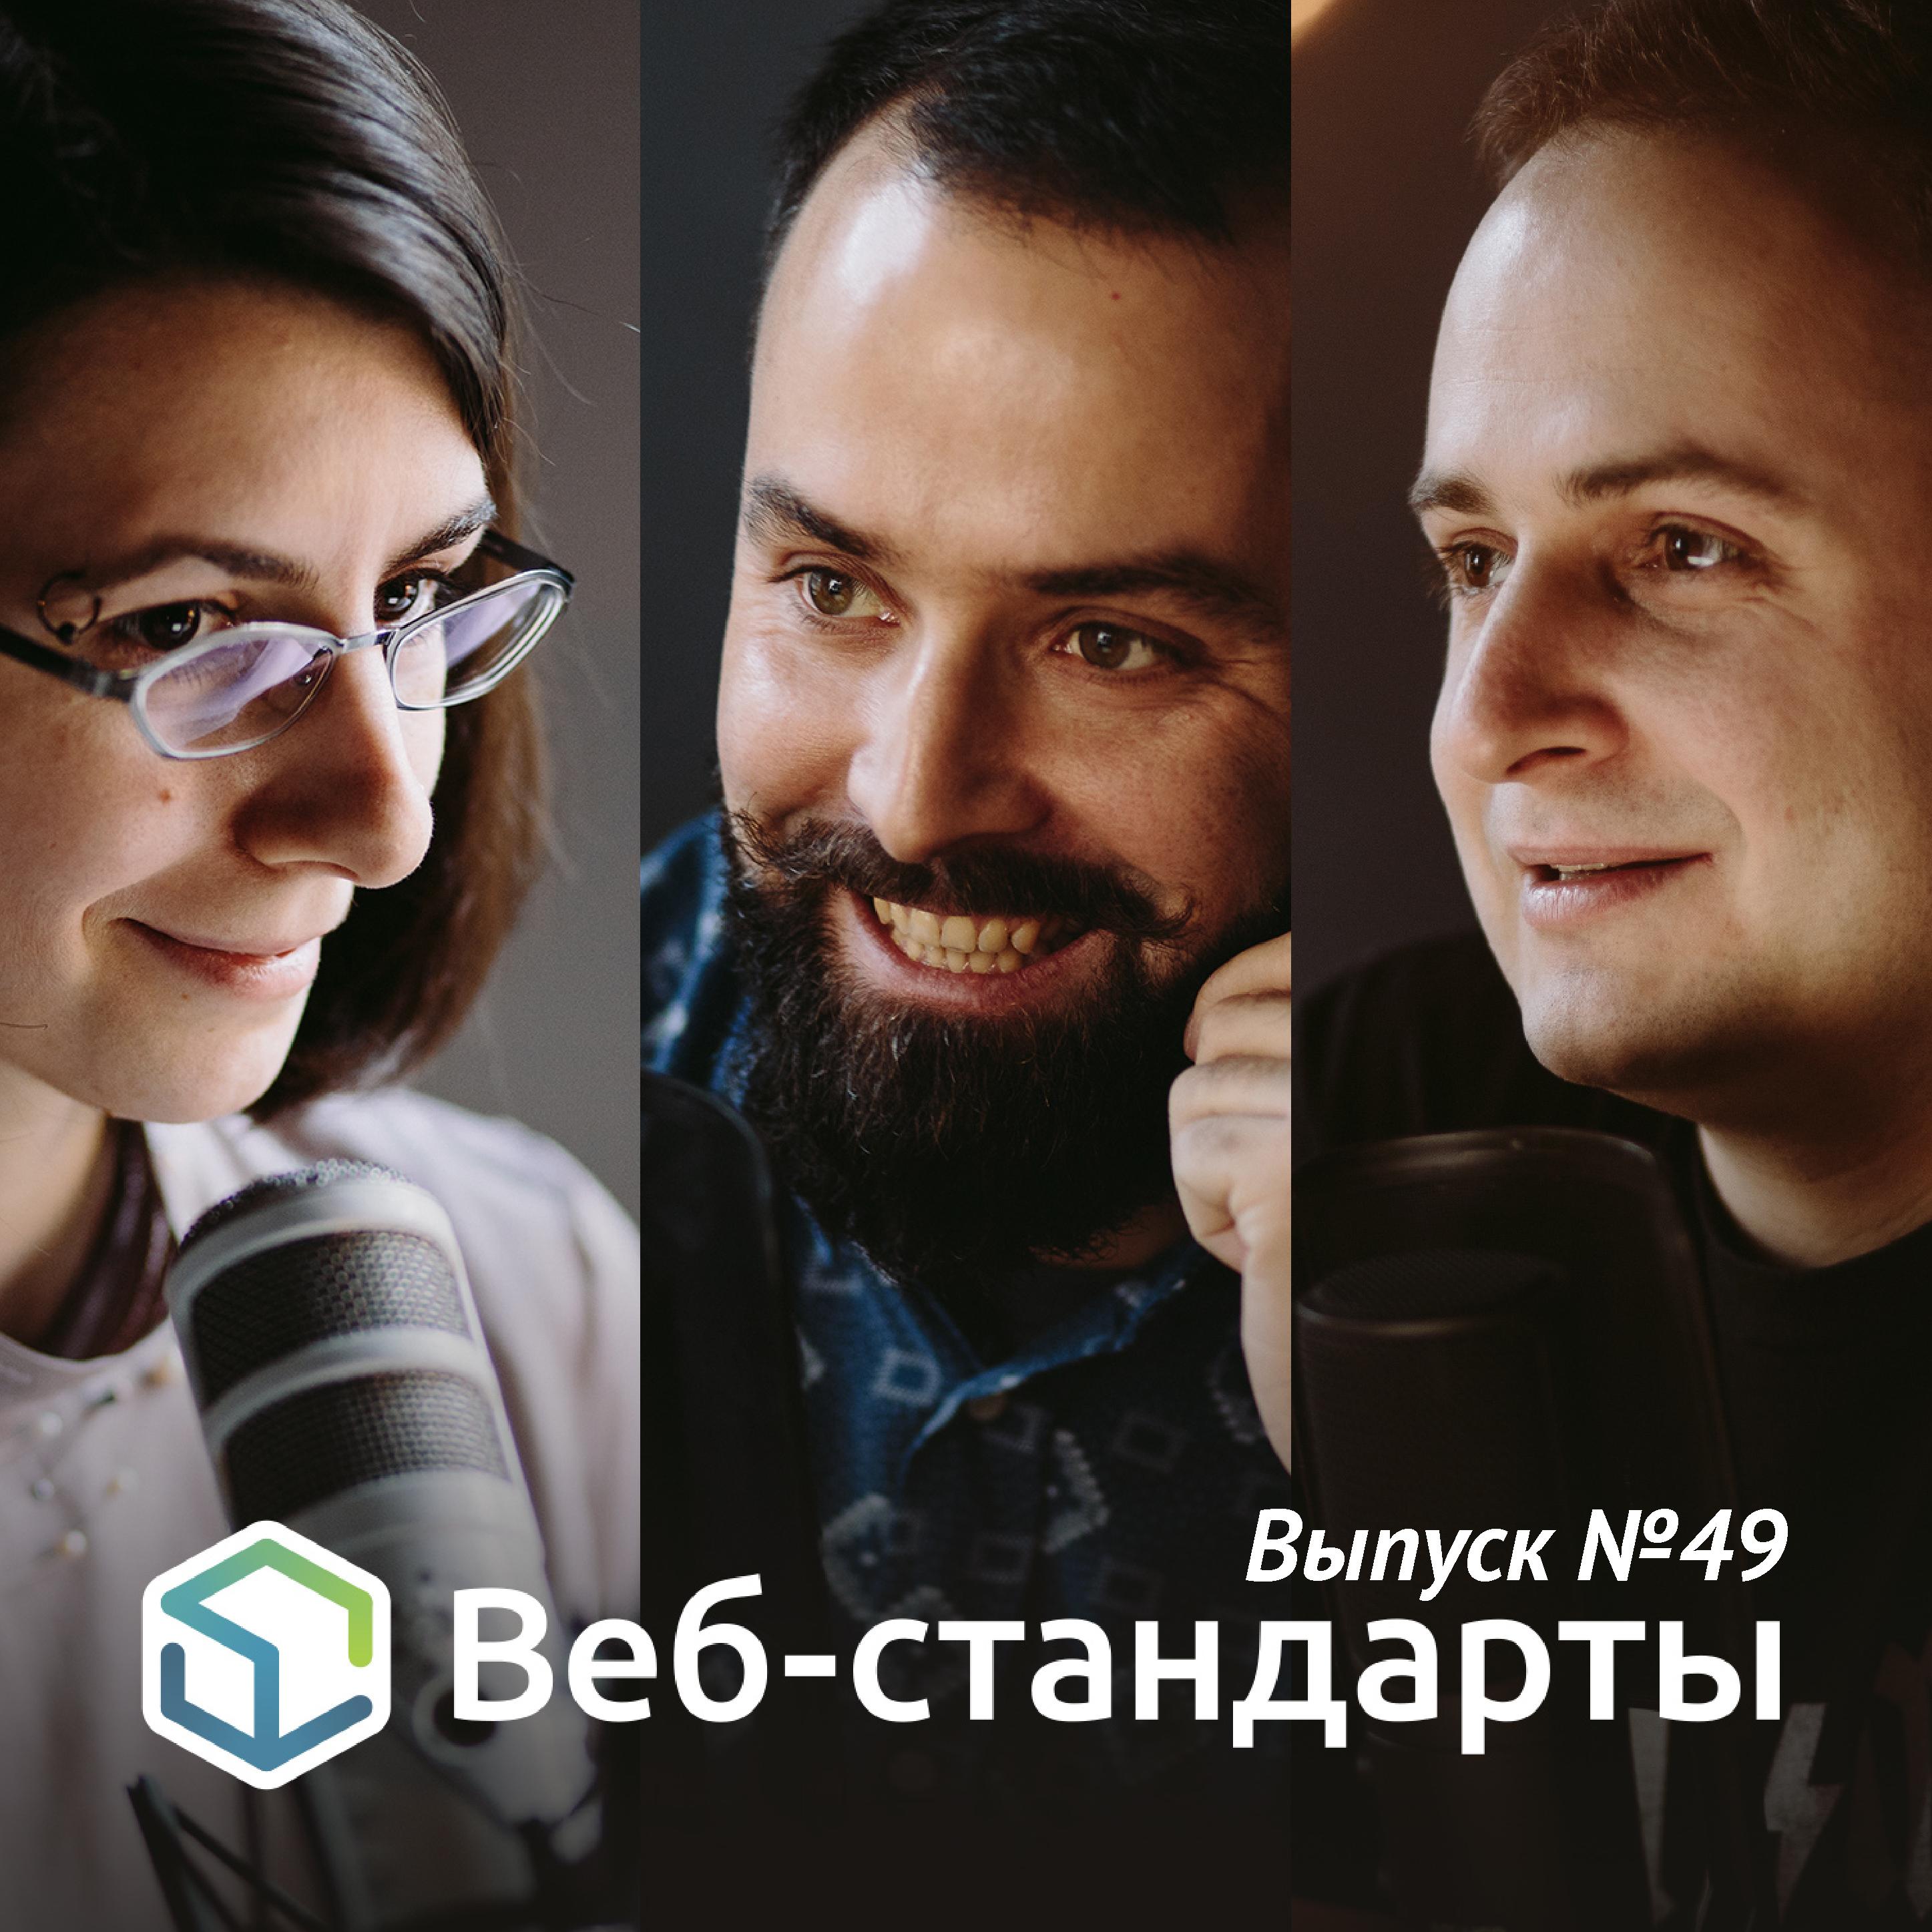 Алексей Симоненко Выпуск №49 обувь 2015 тренды